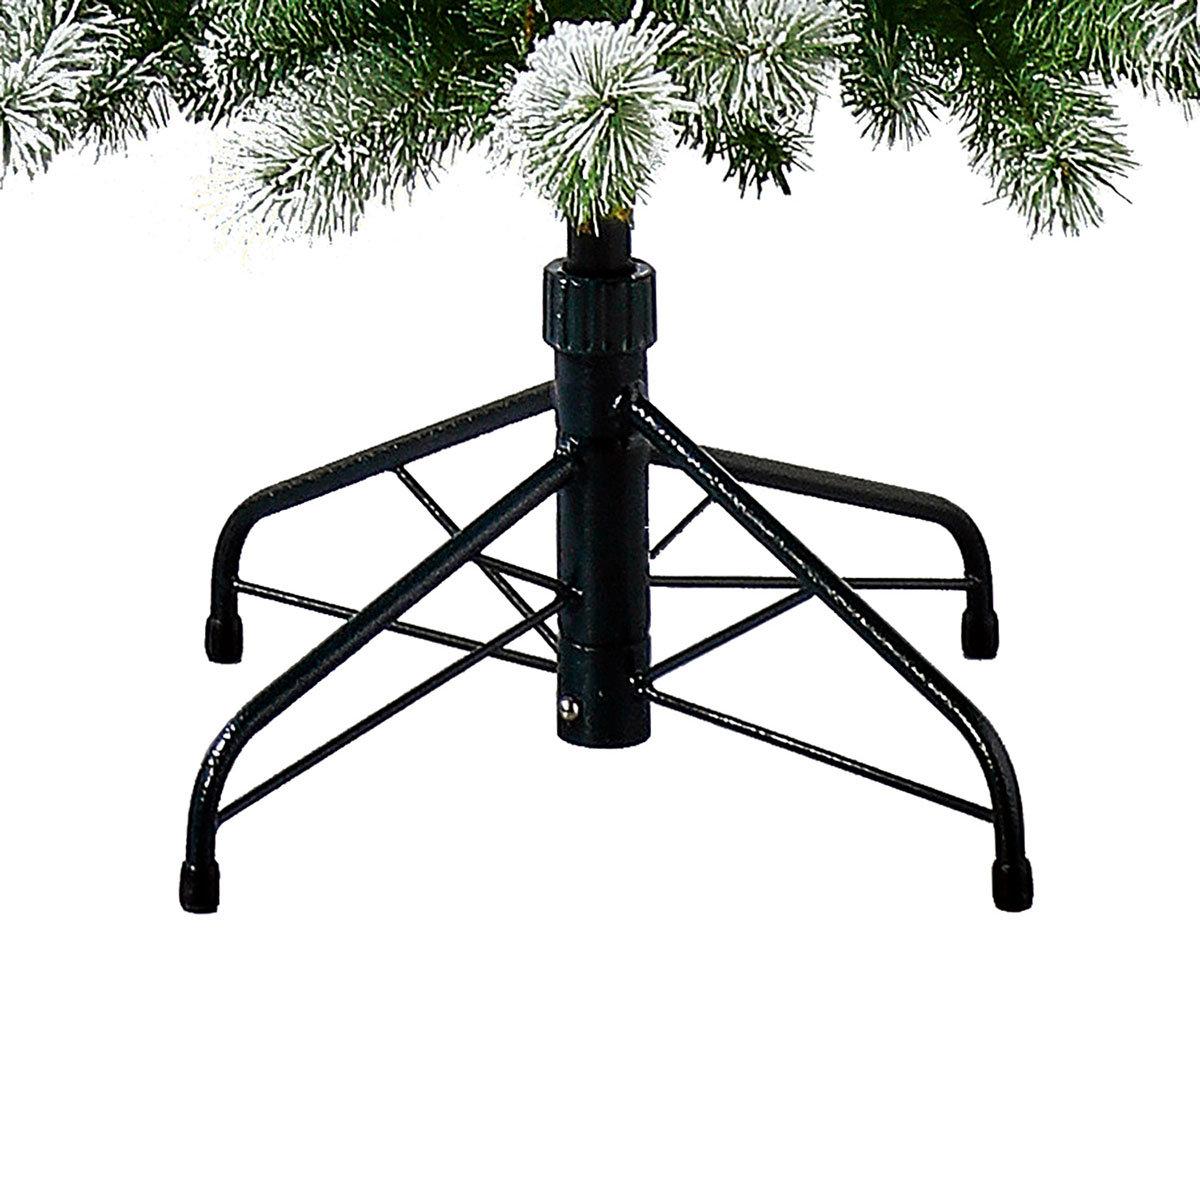 Künstlicher Weihnachtsbaum Kiefer mit Schneeoptik, 180 cm   #5